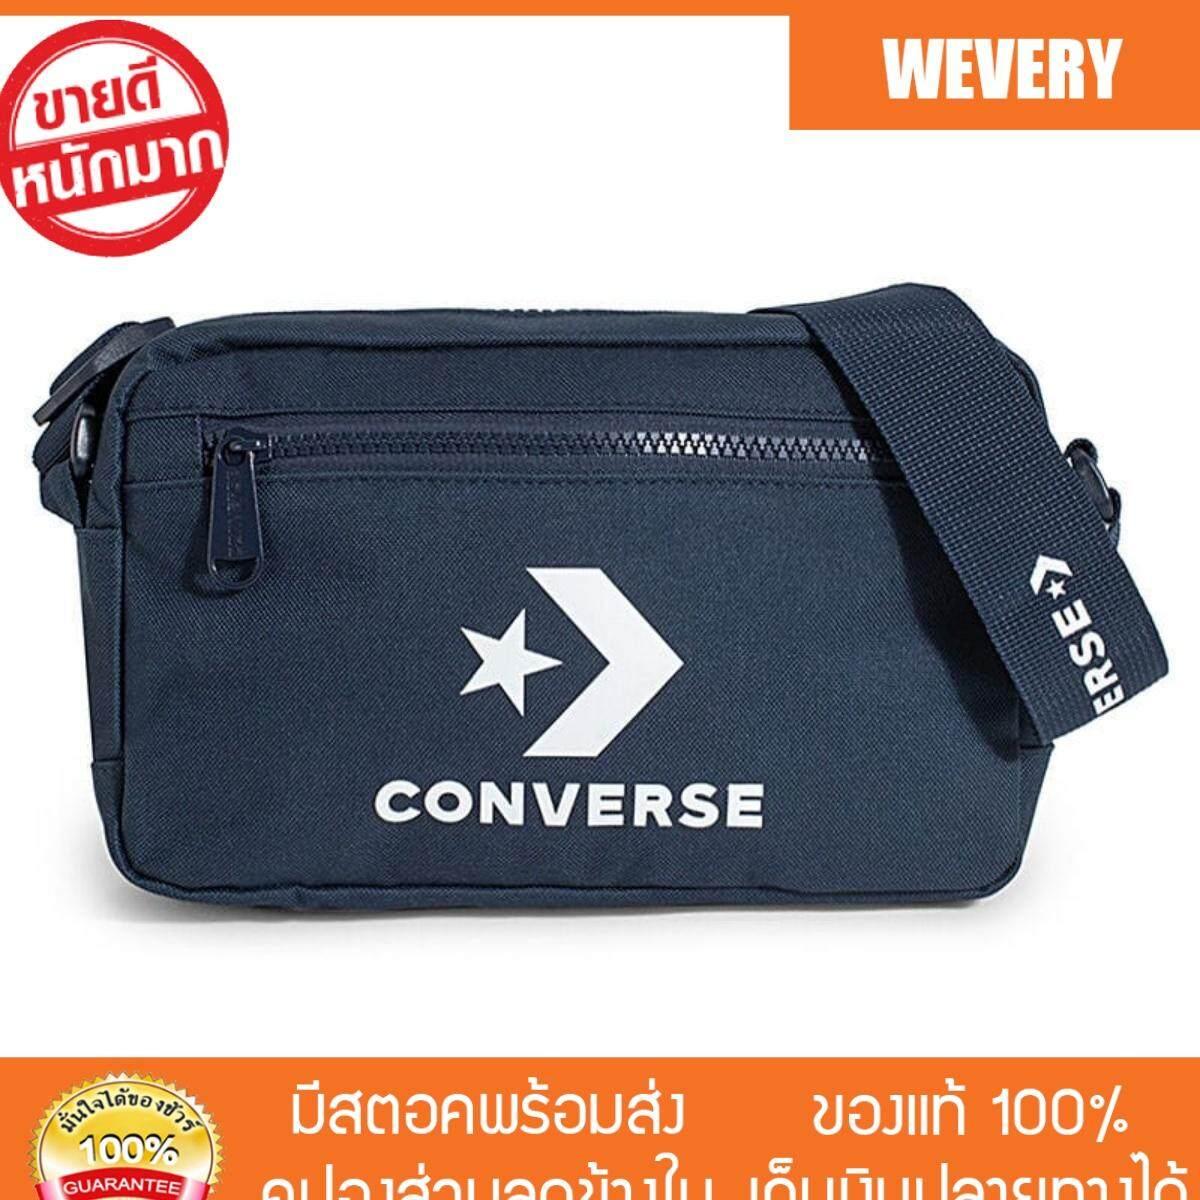 สุดยอดสินค้า!! [Wevery]- Converse กระเป๋าคาดเอว-อก New Speed Mini สีกรมท่า กระเป๋าแฟชั่น กระเป๋าแฟชั้น กระเป๋าผู้หญิง กระเป๋าสะพายอก กระเป๋าคาดเอว กระเป๋าคาด กระเป๋าคาดวิ่ง ส่ง Kerry เก็บปลายทางได้